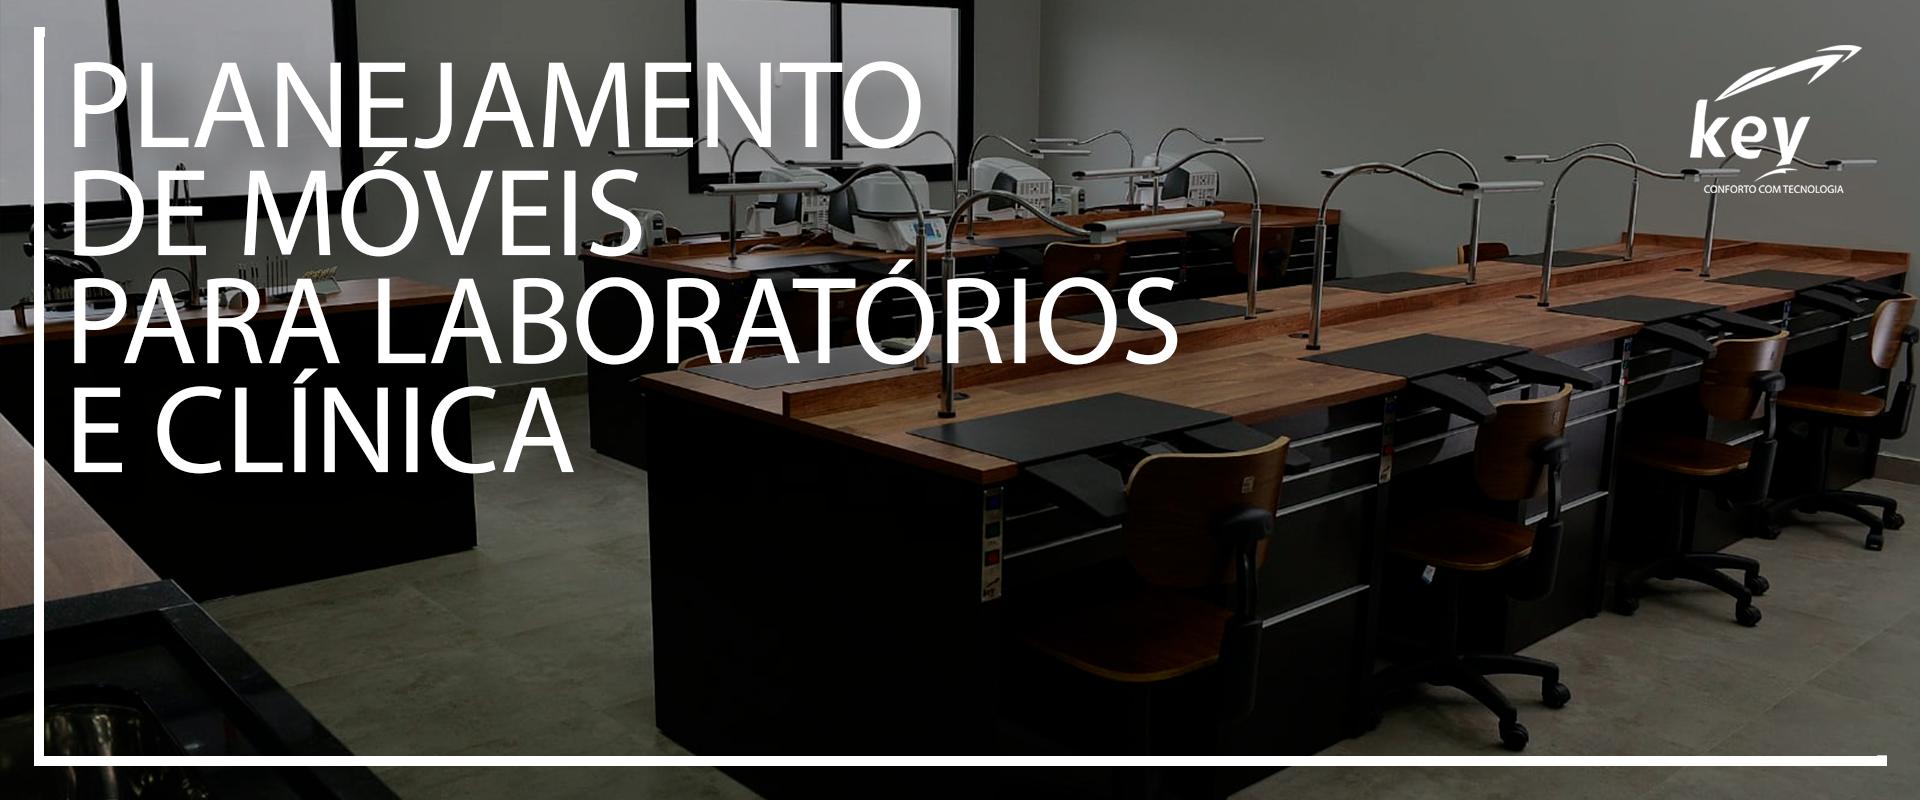 PLANEJAMENTO DE MÓVEIS PARA LABORATÓRIOS E CLINICA